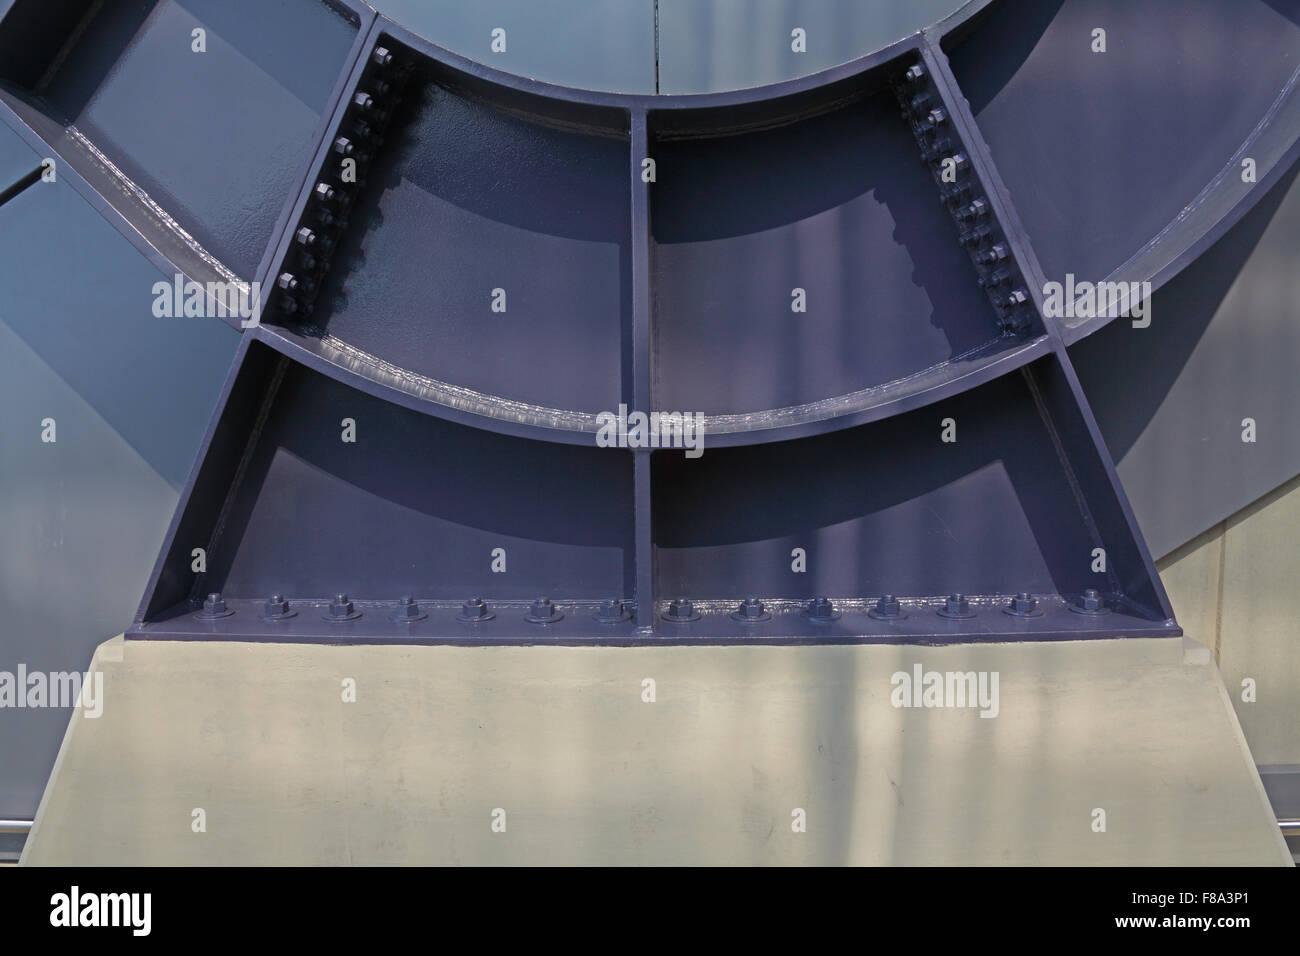 Engenharia de fabricação com uma estrutura de aço fixado a uma base concreta com muitos parafusos Imagens de Stock